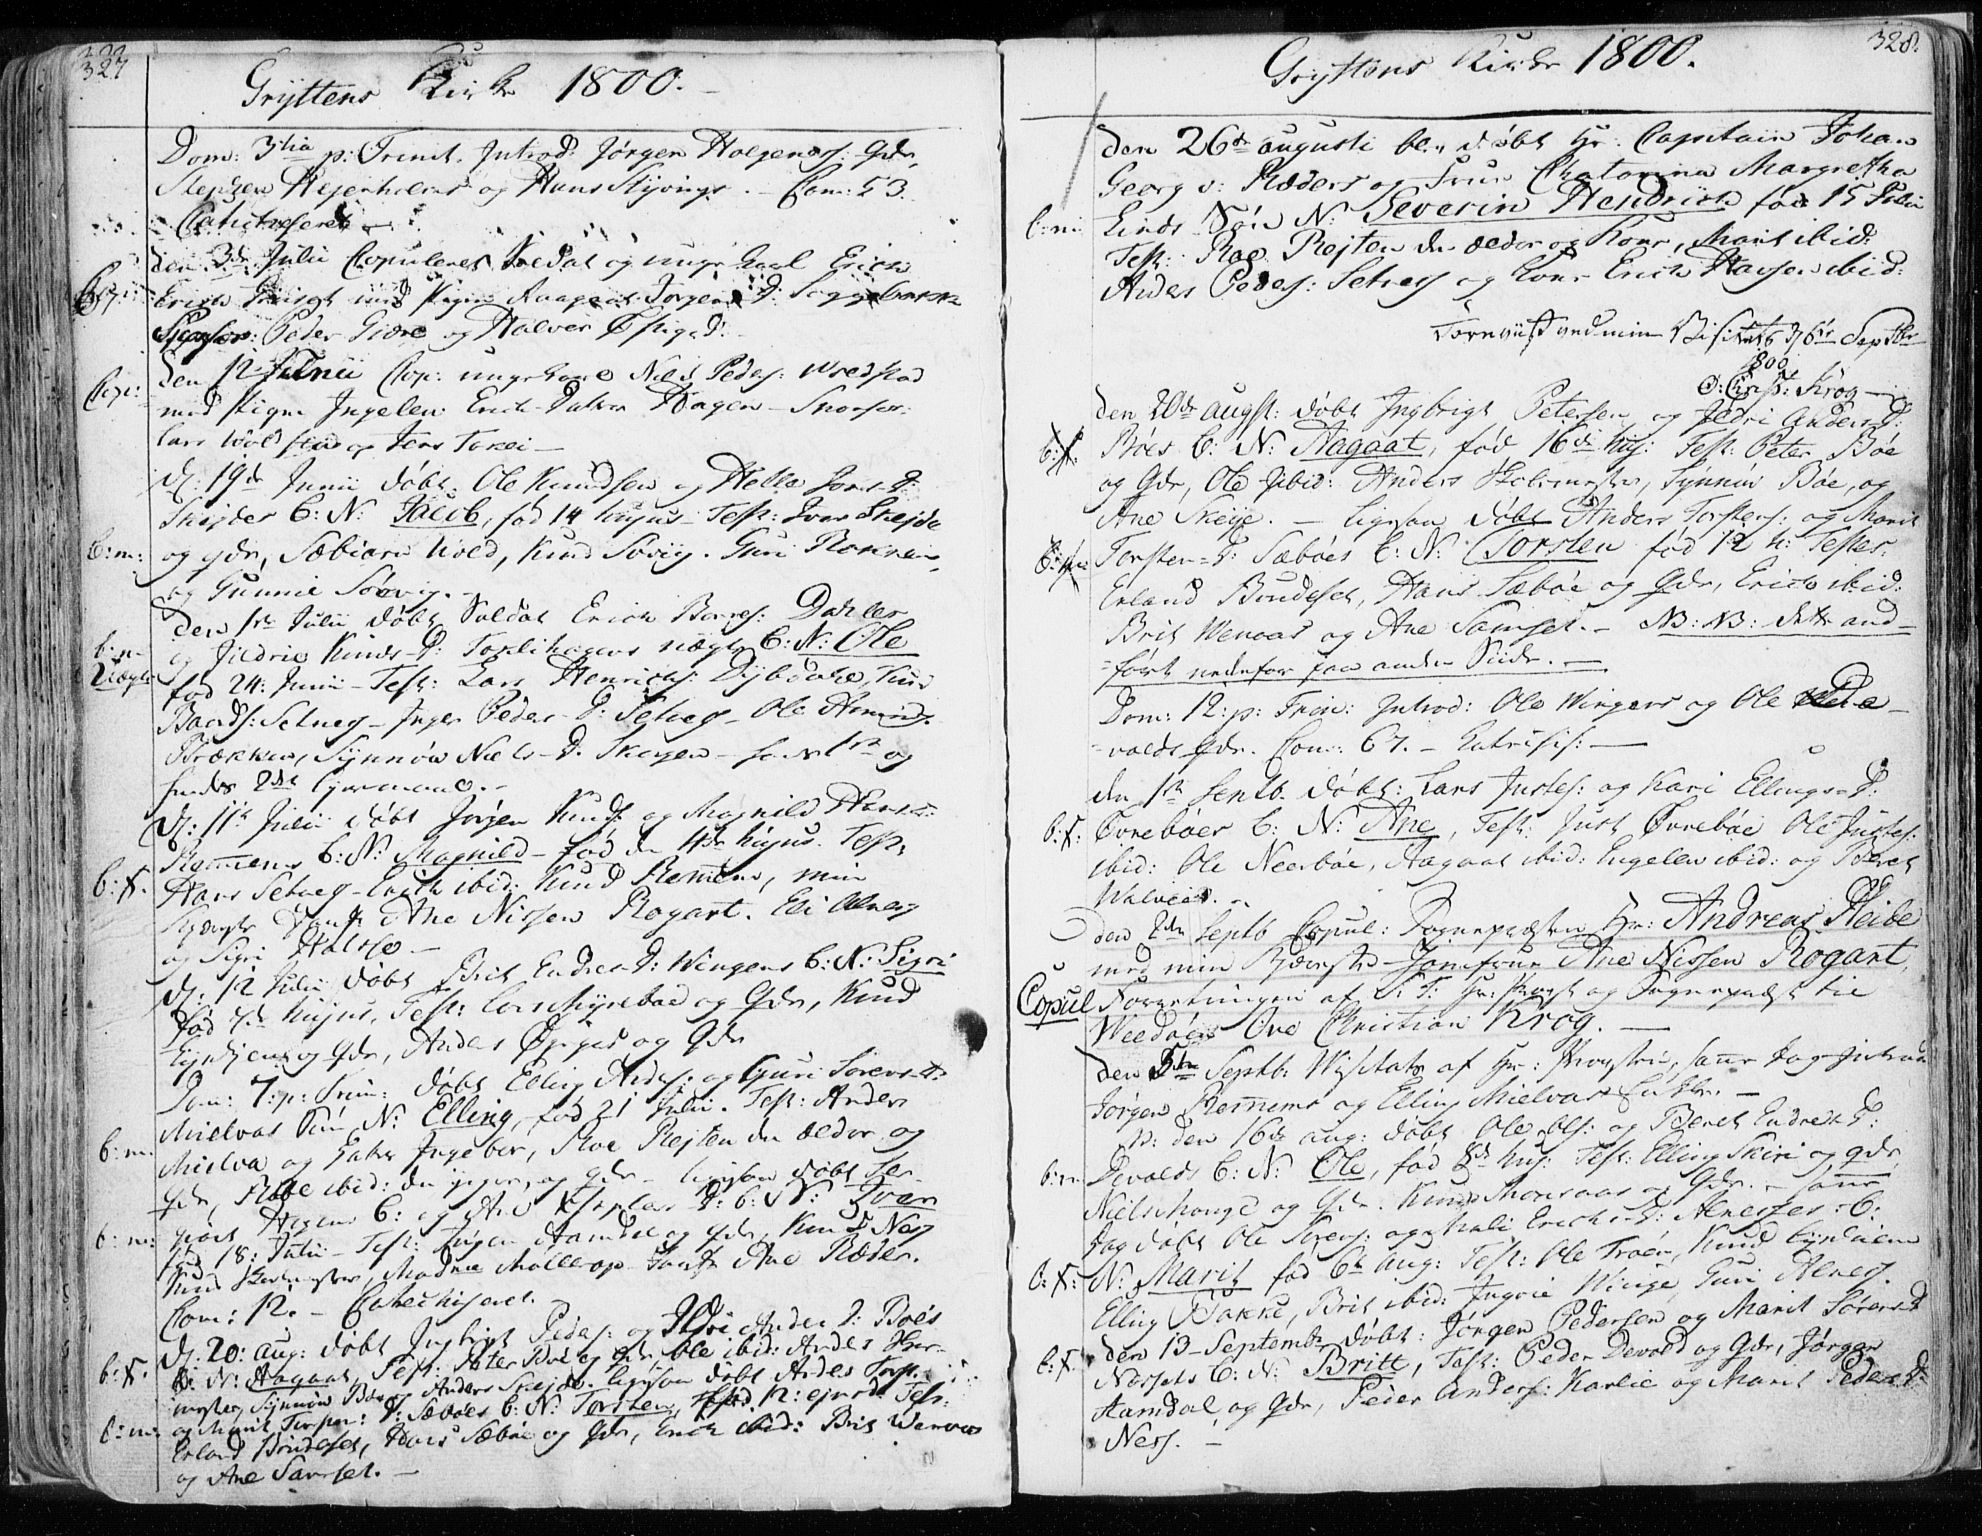 SAT, Ministerialprotokoller, klokkerbøker og fødselsregistre - Møre og Romsdal, 544/L0569: Ministerialbok nr. 544A02, 1764-1806, s. 327-328